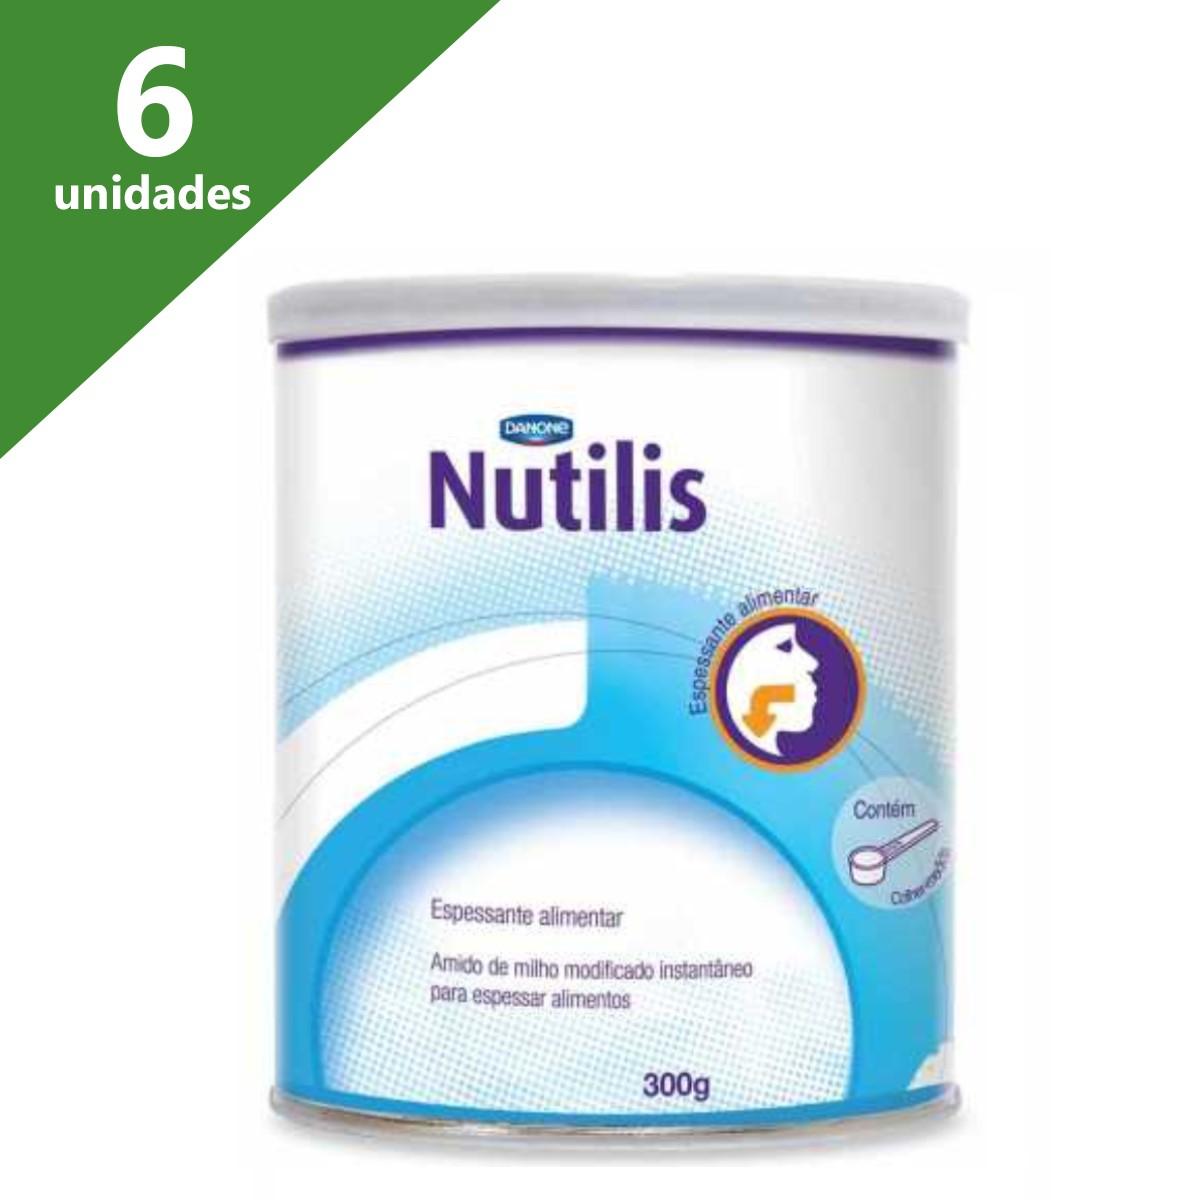 NUTILIS ESPESSANTE ALIMENTAR 300G (C/06) - DANONE